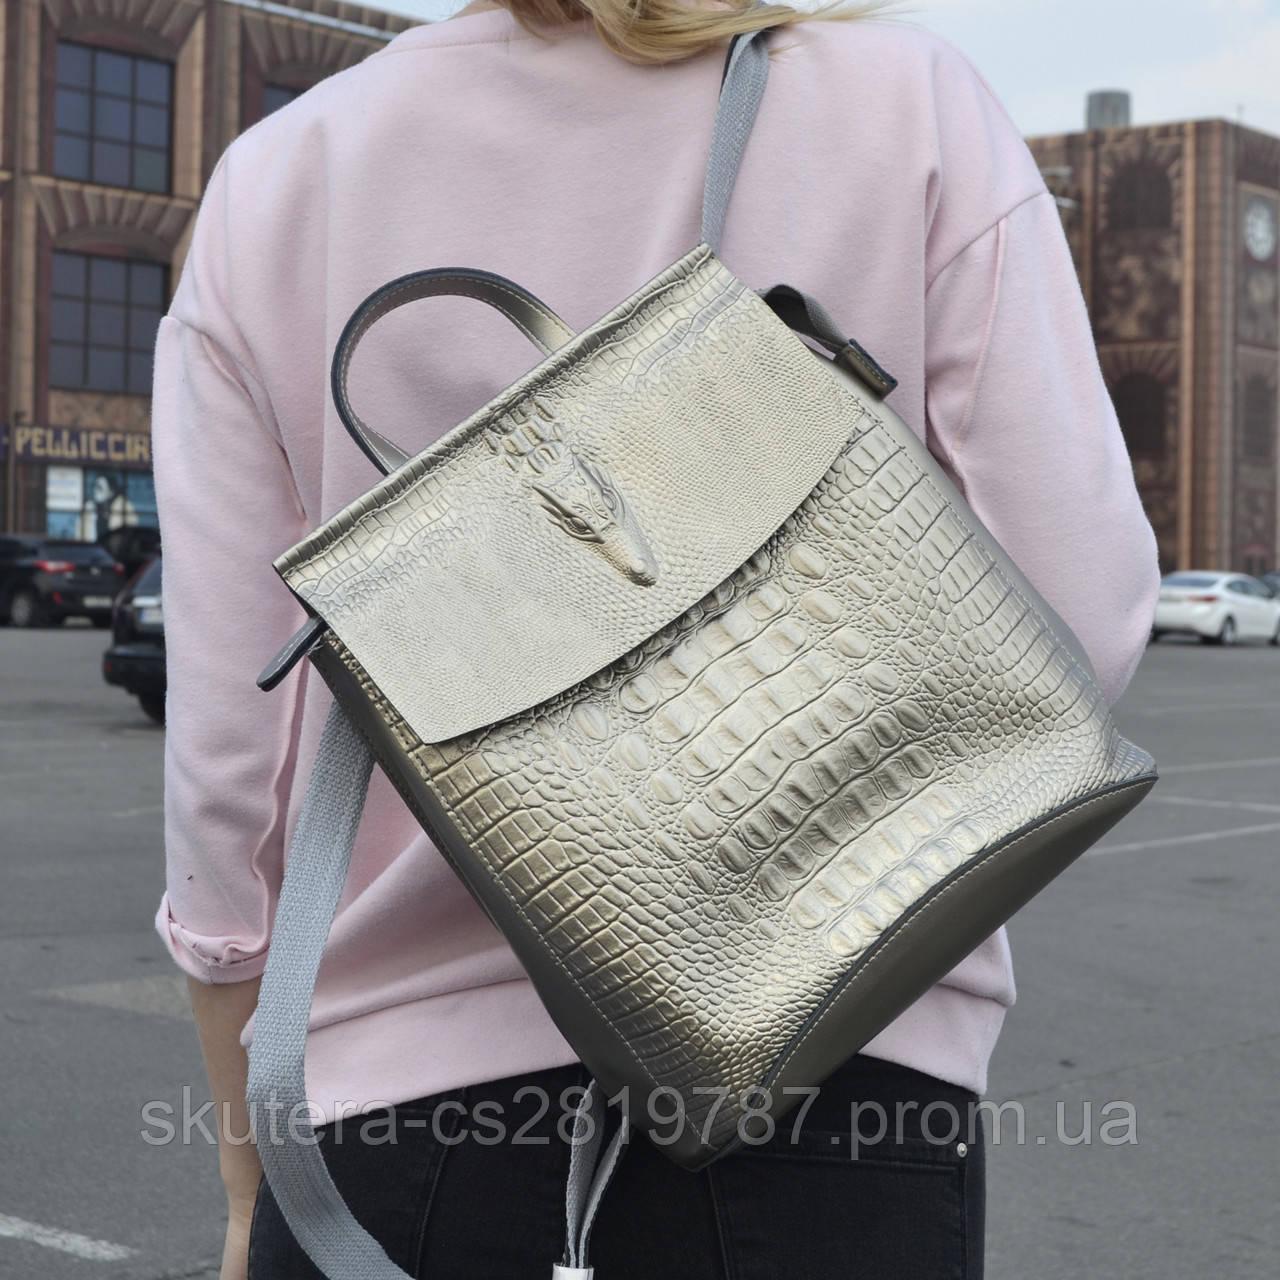 31913d9b381d Кожаный рюкзак-сумка (трансформер) с теснением под рептилию